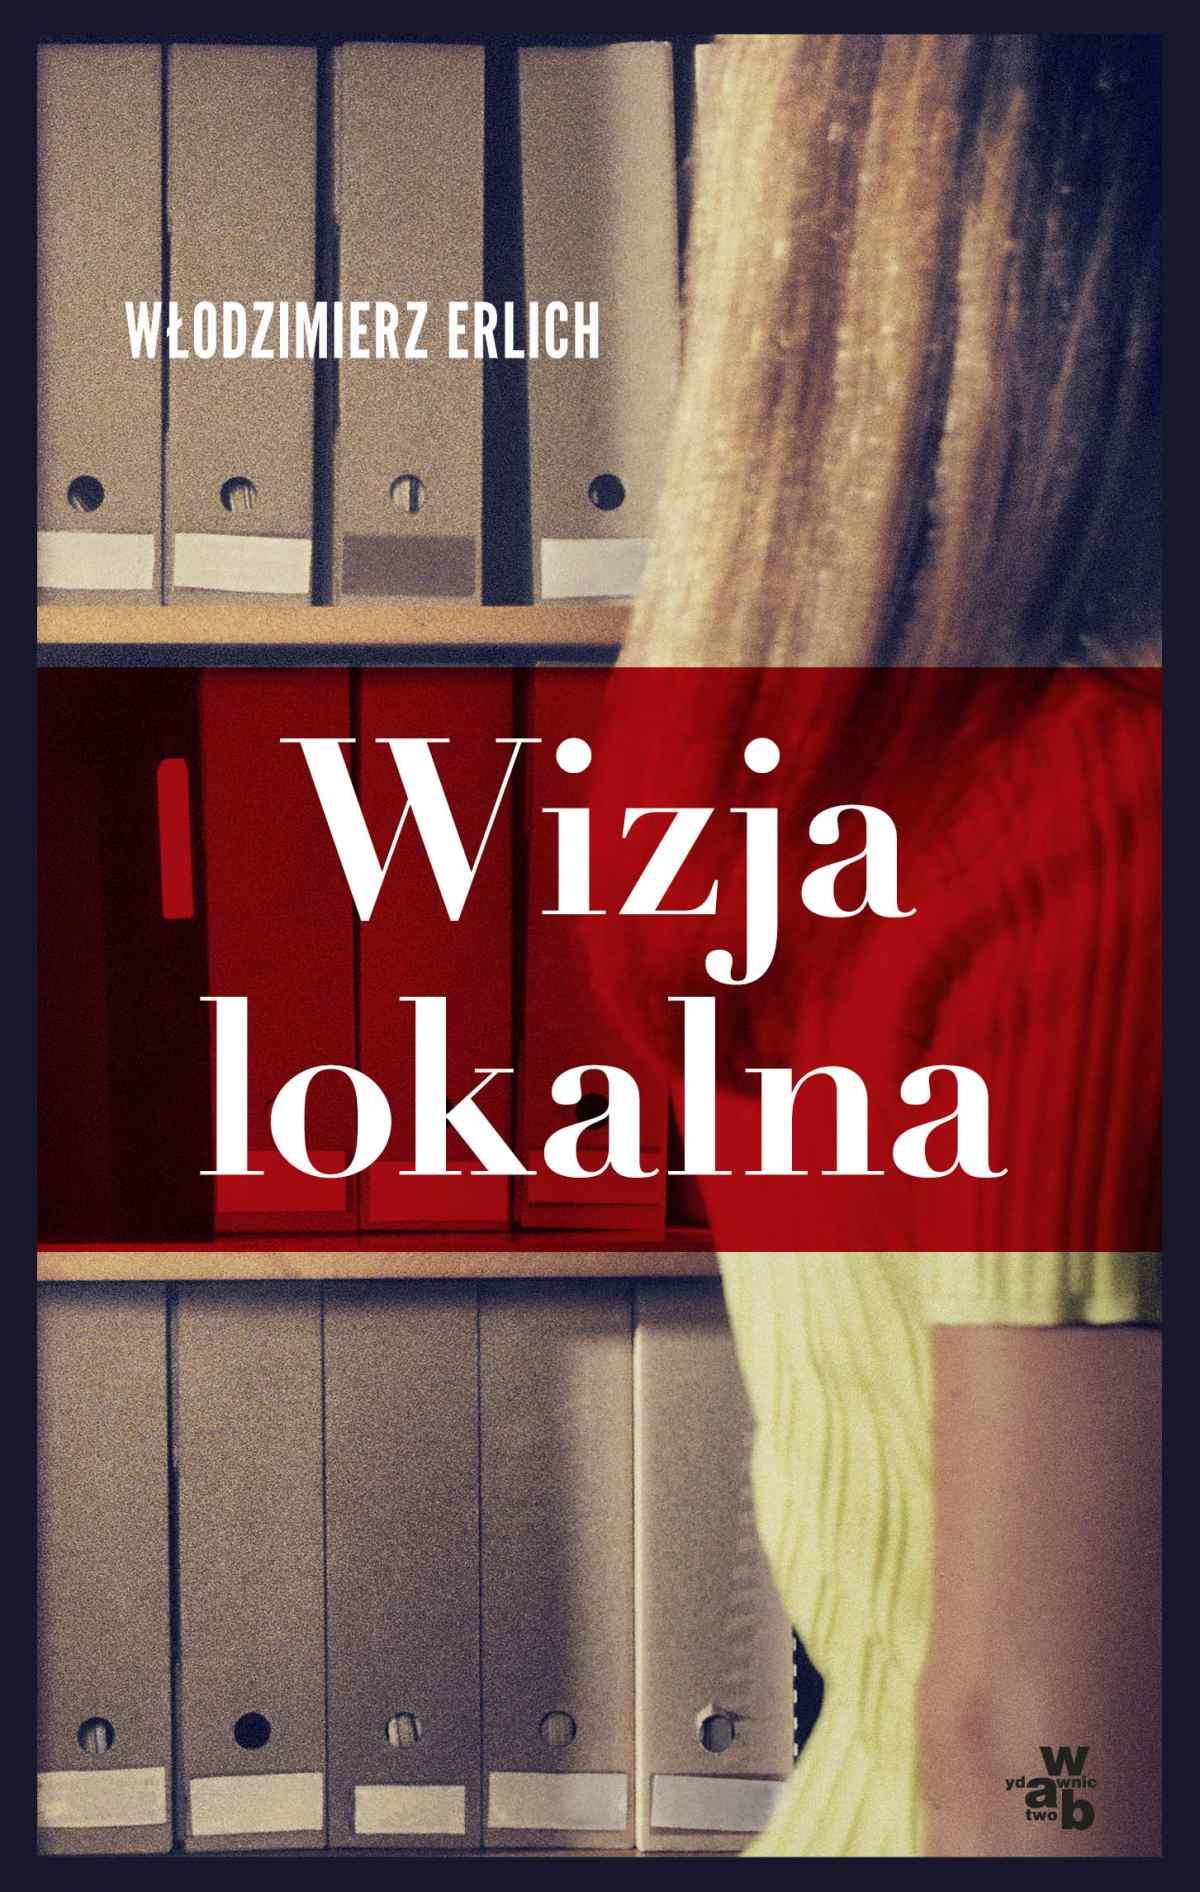 Wizja lokalna - Tylko w Legimi możesz przeczytać ten tytuł przez 7 dni za darmo. - Włodzimierz Erlich